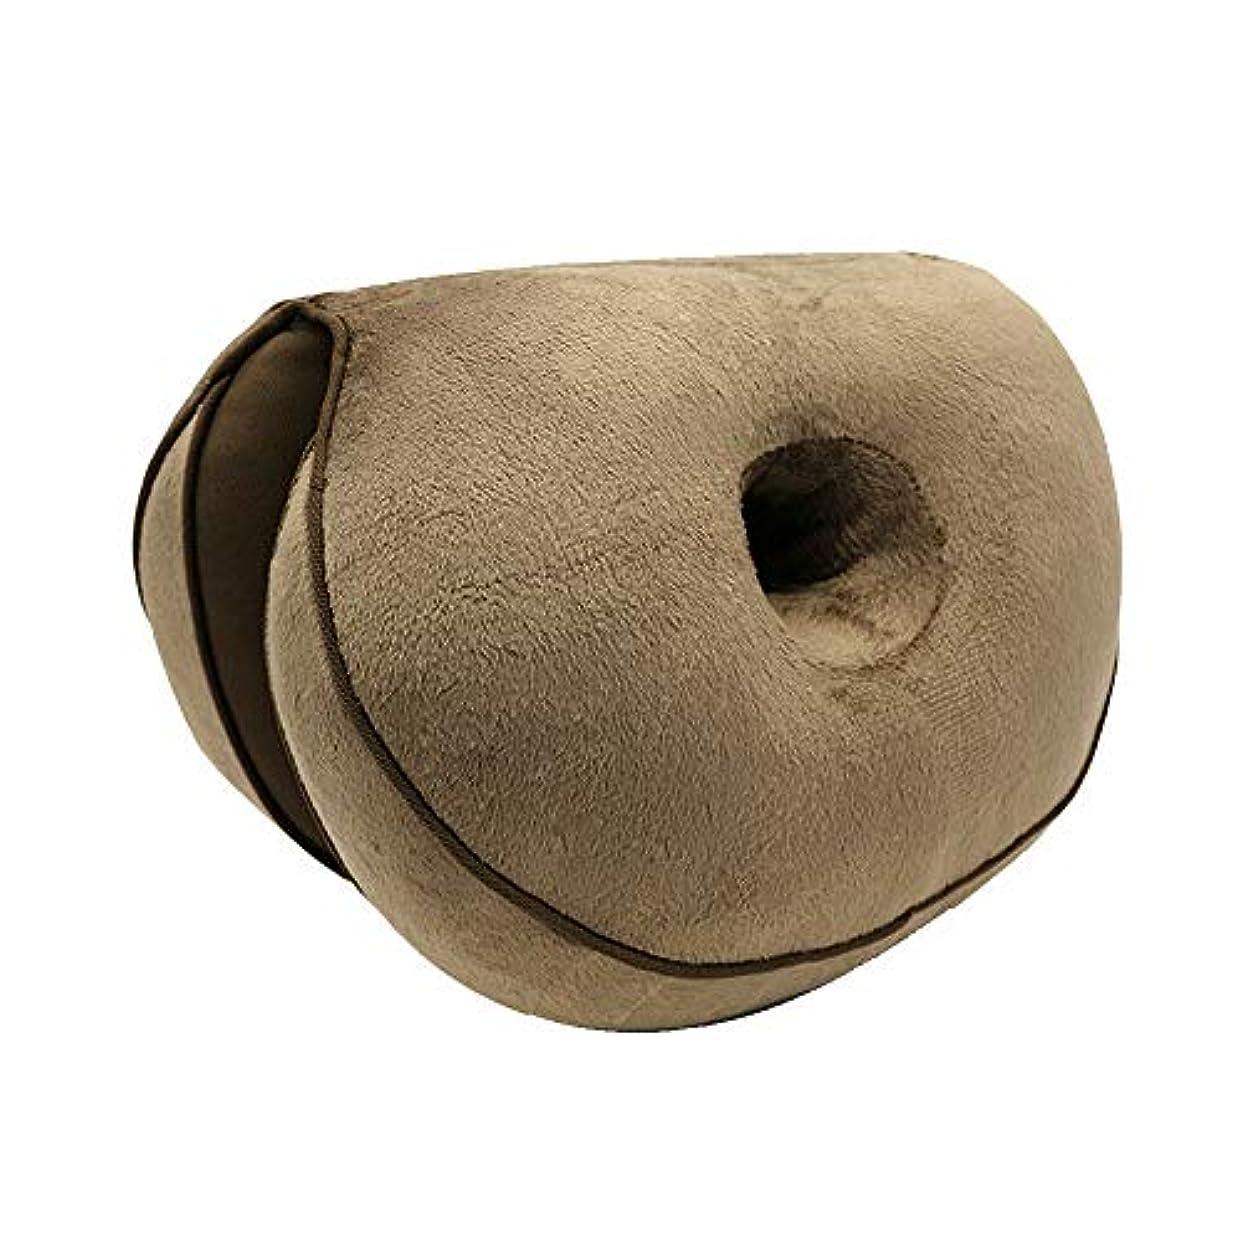 必要ない放棄するお祝いLIFE 新デュアルシートクッション低反発ラテックスオフィスチェアバックシートクッション快適な臀部マットパッド枕旅行枕女性女の子 クッション 椅子